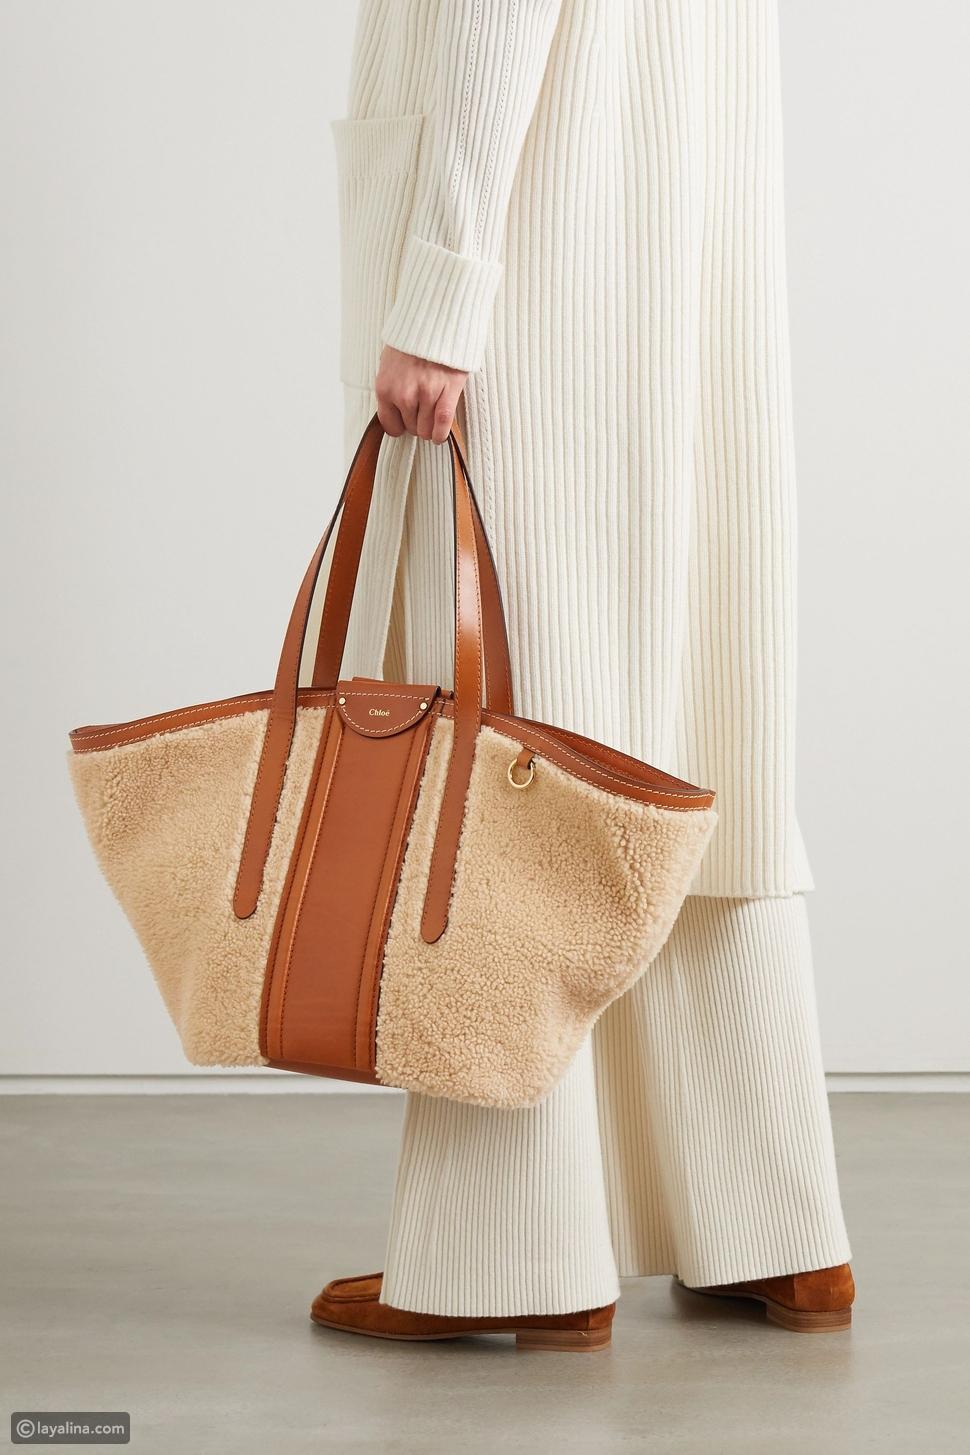 حقيبة يد كلوي فريدي متوسطة الحجم مشذبة بالجلد